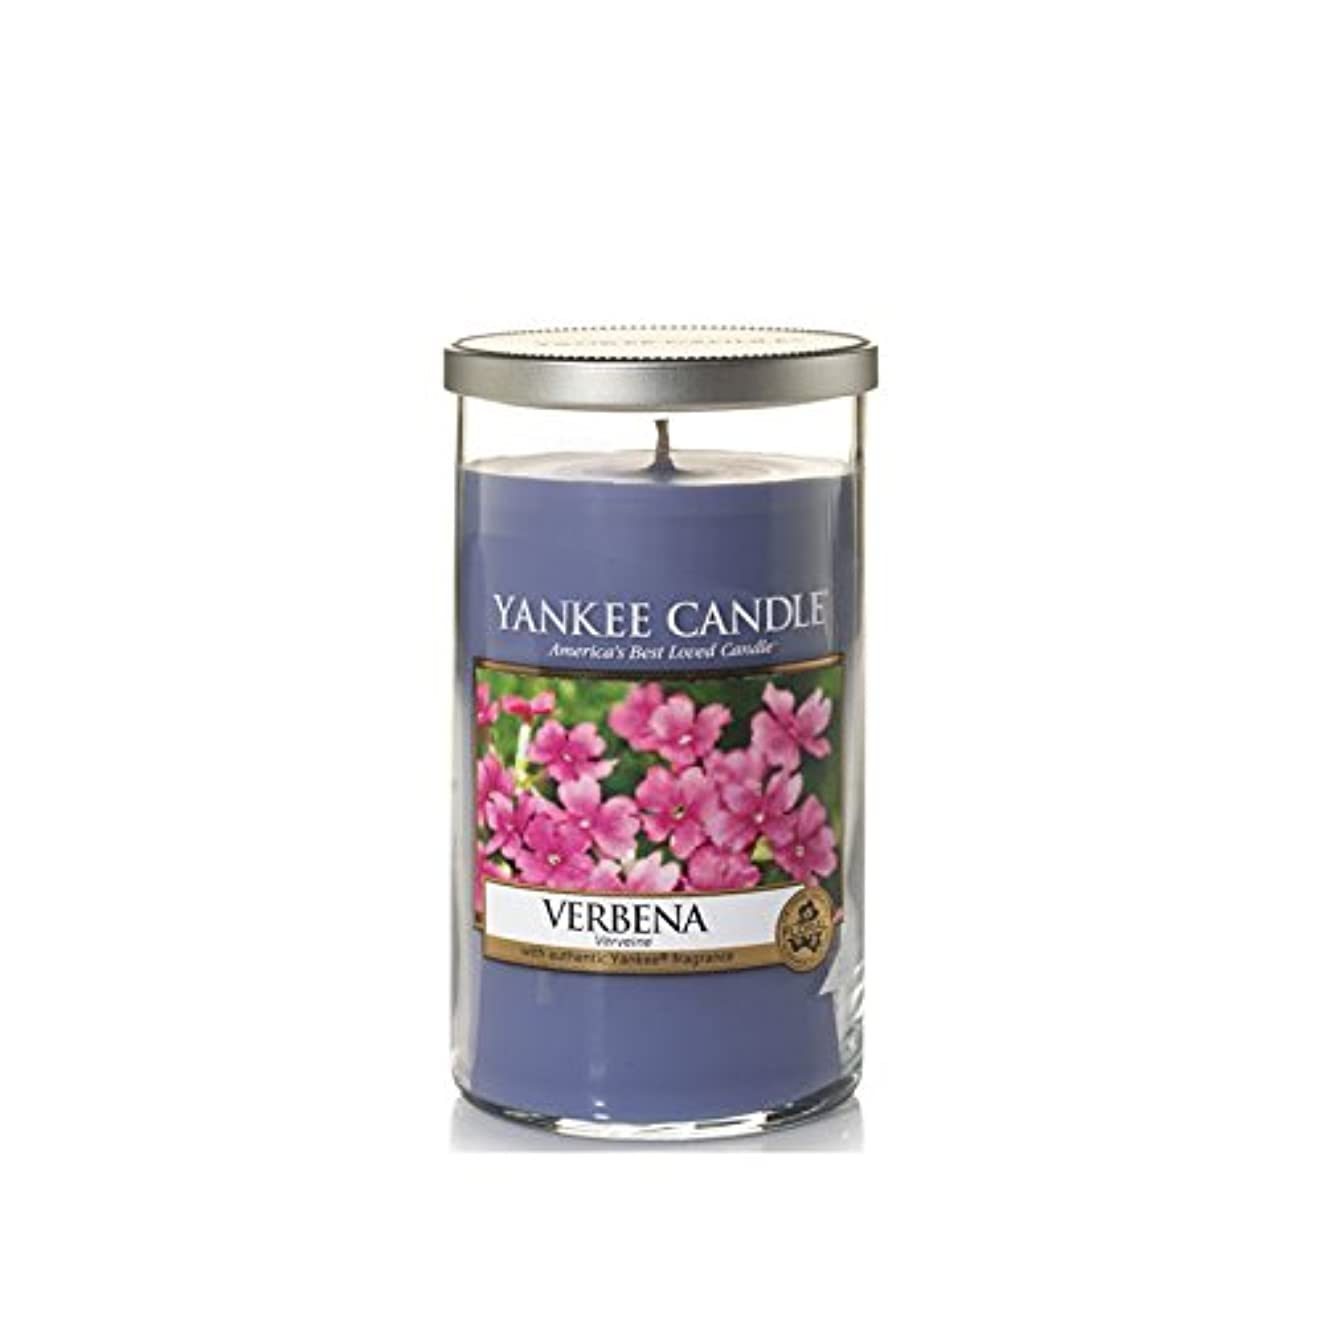 指ショップ多様体Yankee Candles Medium Pillar Candle - Verbena (Pack of 6) - ヤンキーキャンドルメディアピラーキャンドル - バーベナ (x6) [並行輸入品]